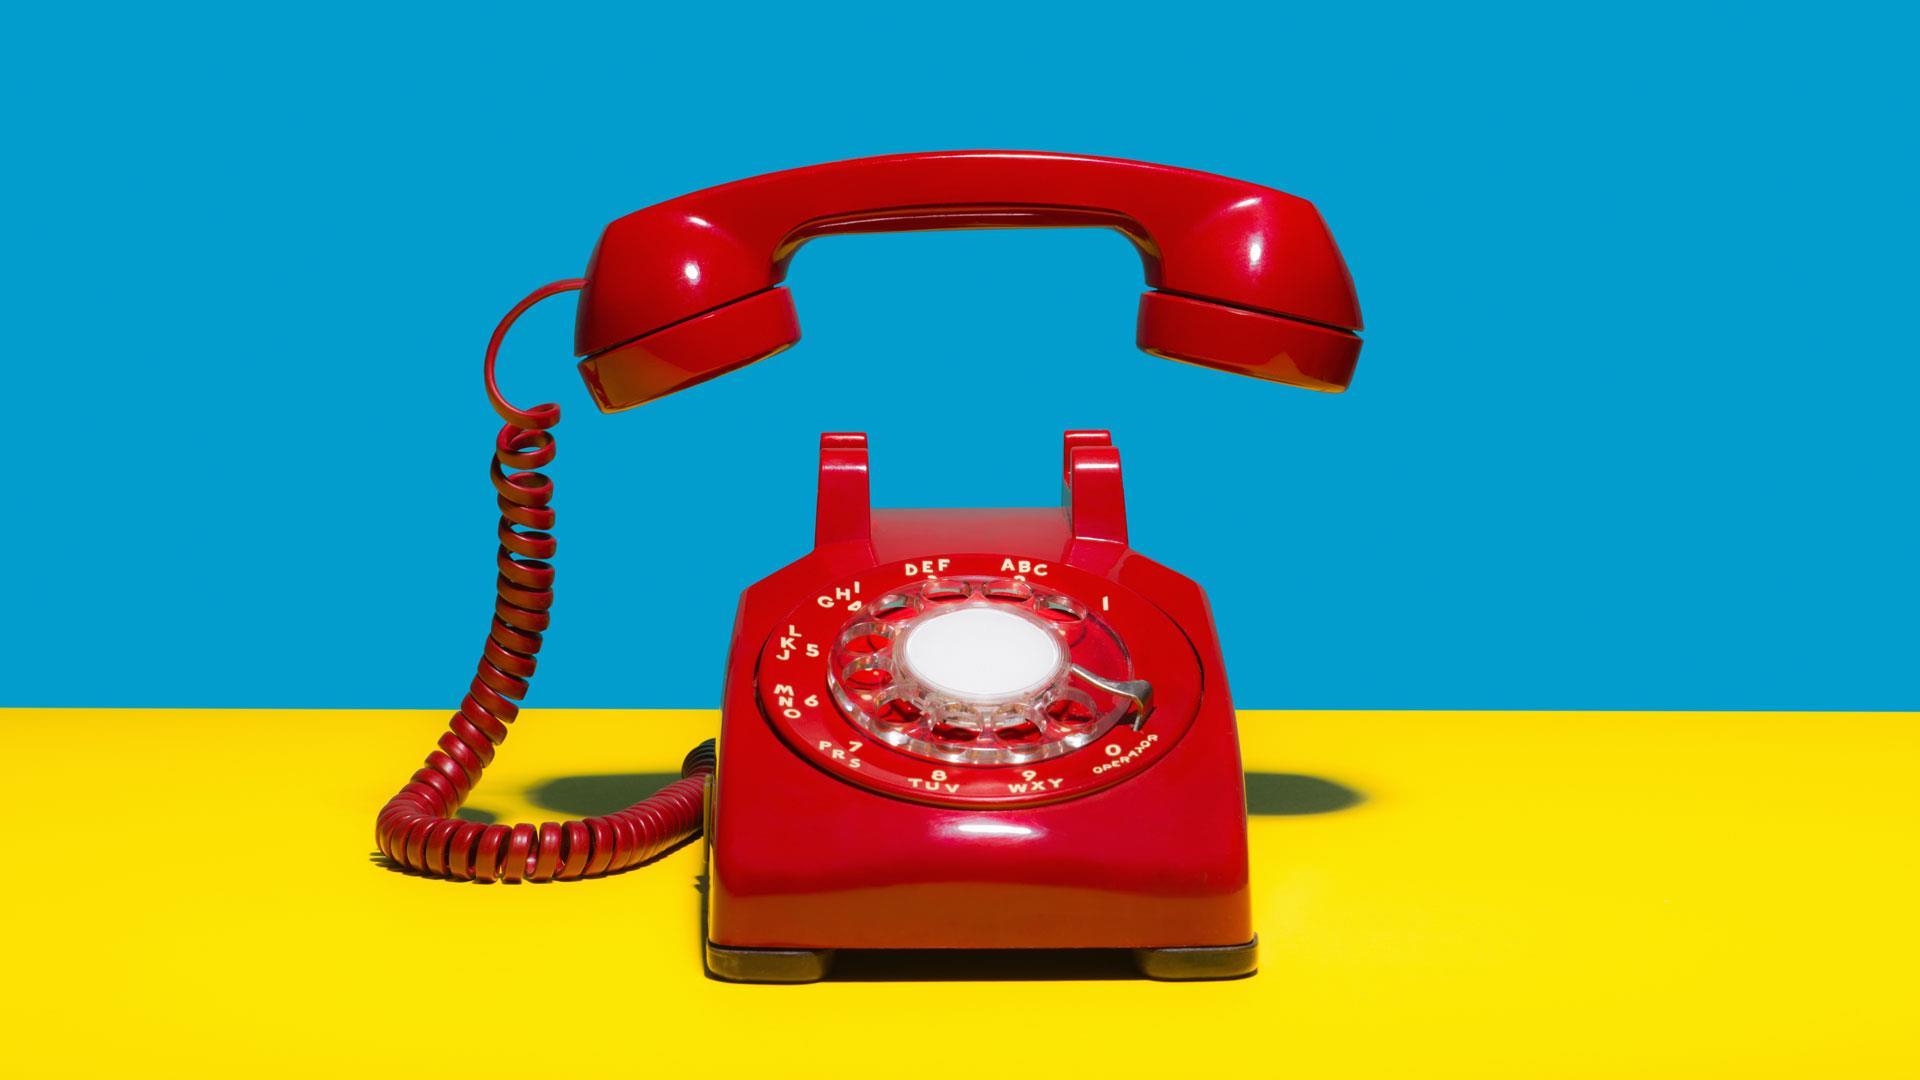 نوبت دهی تلفنی